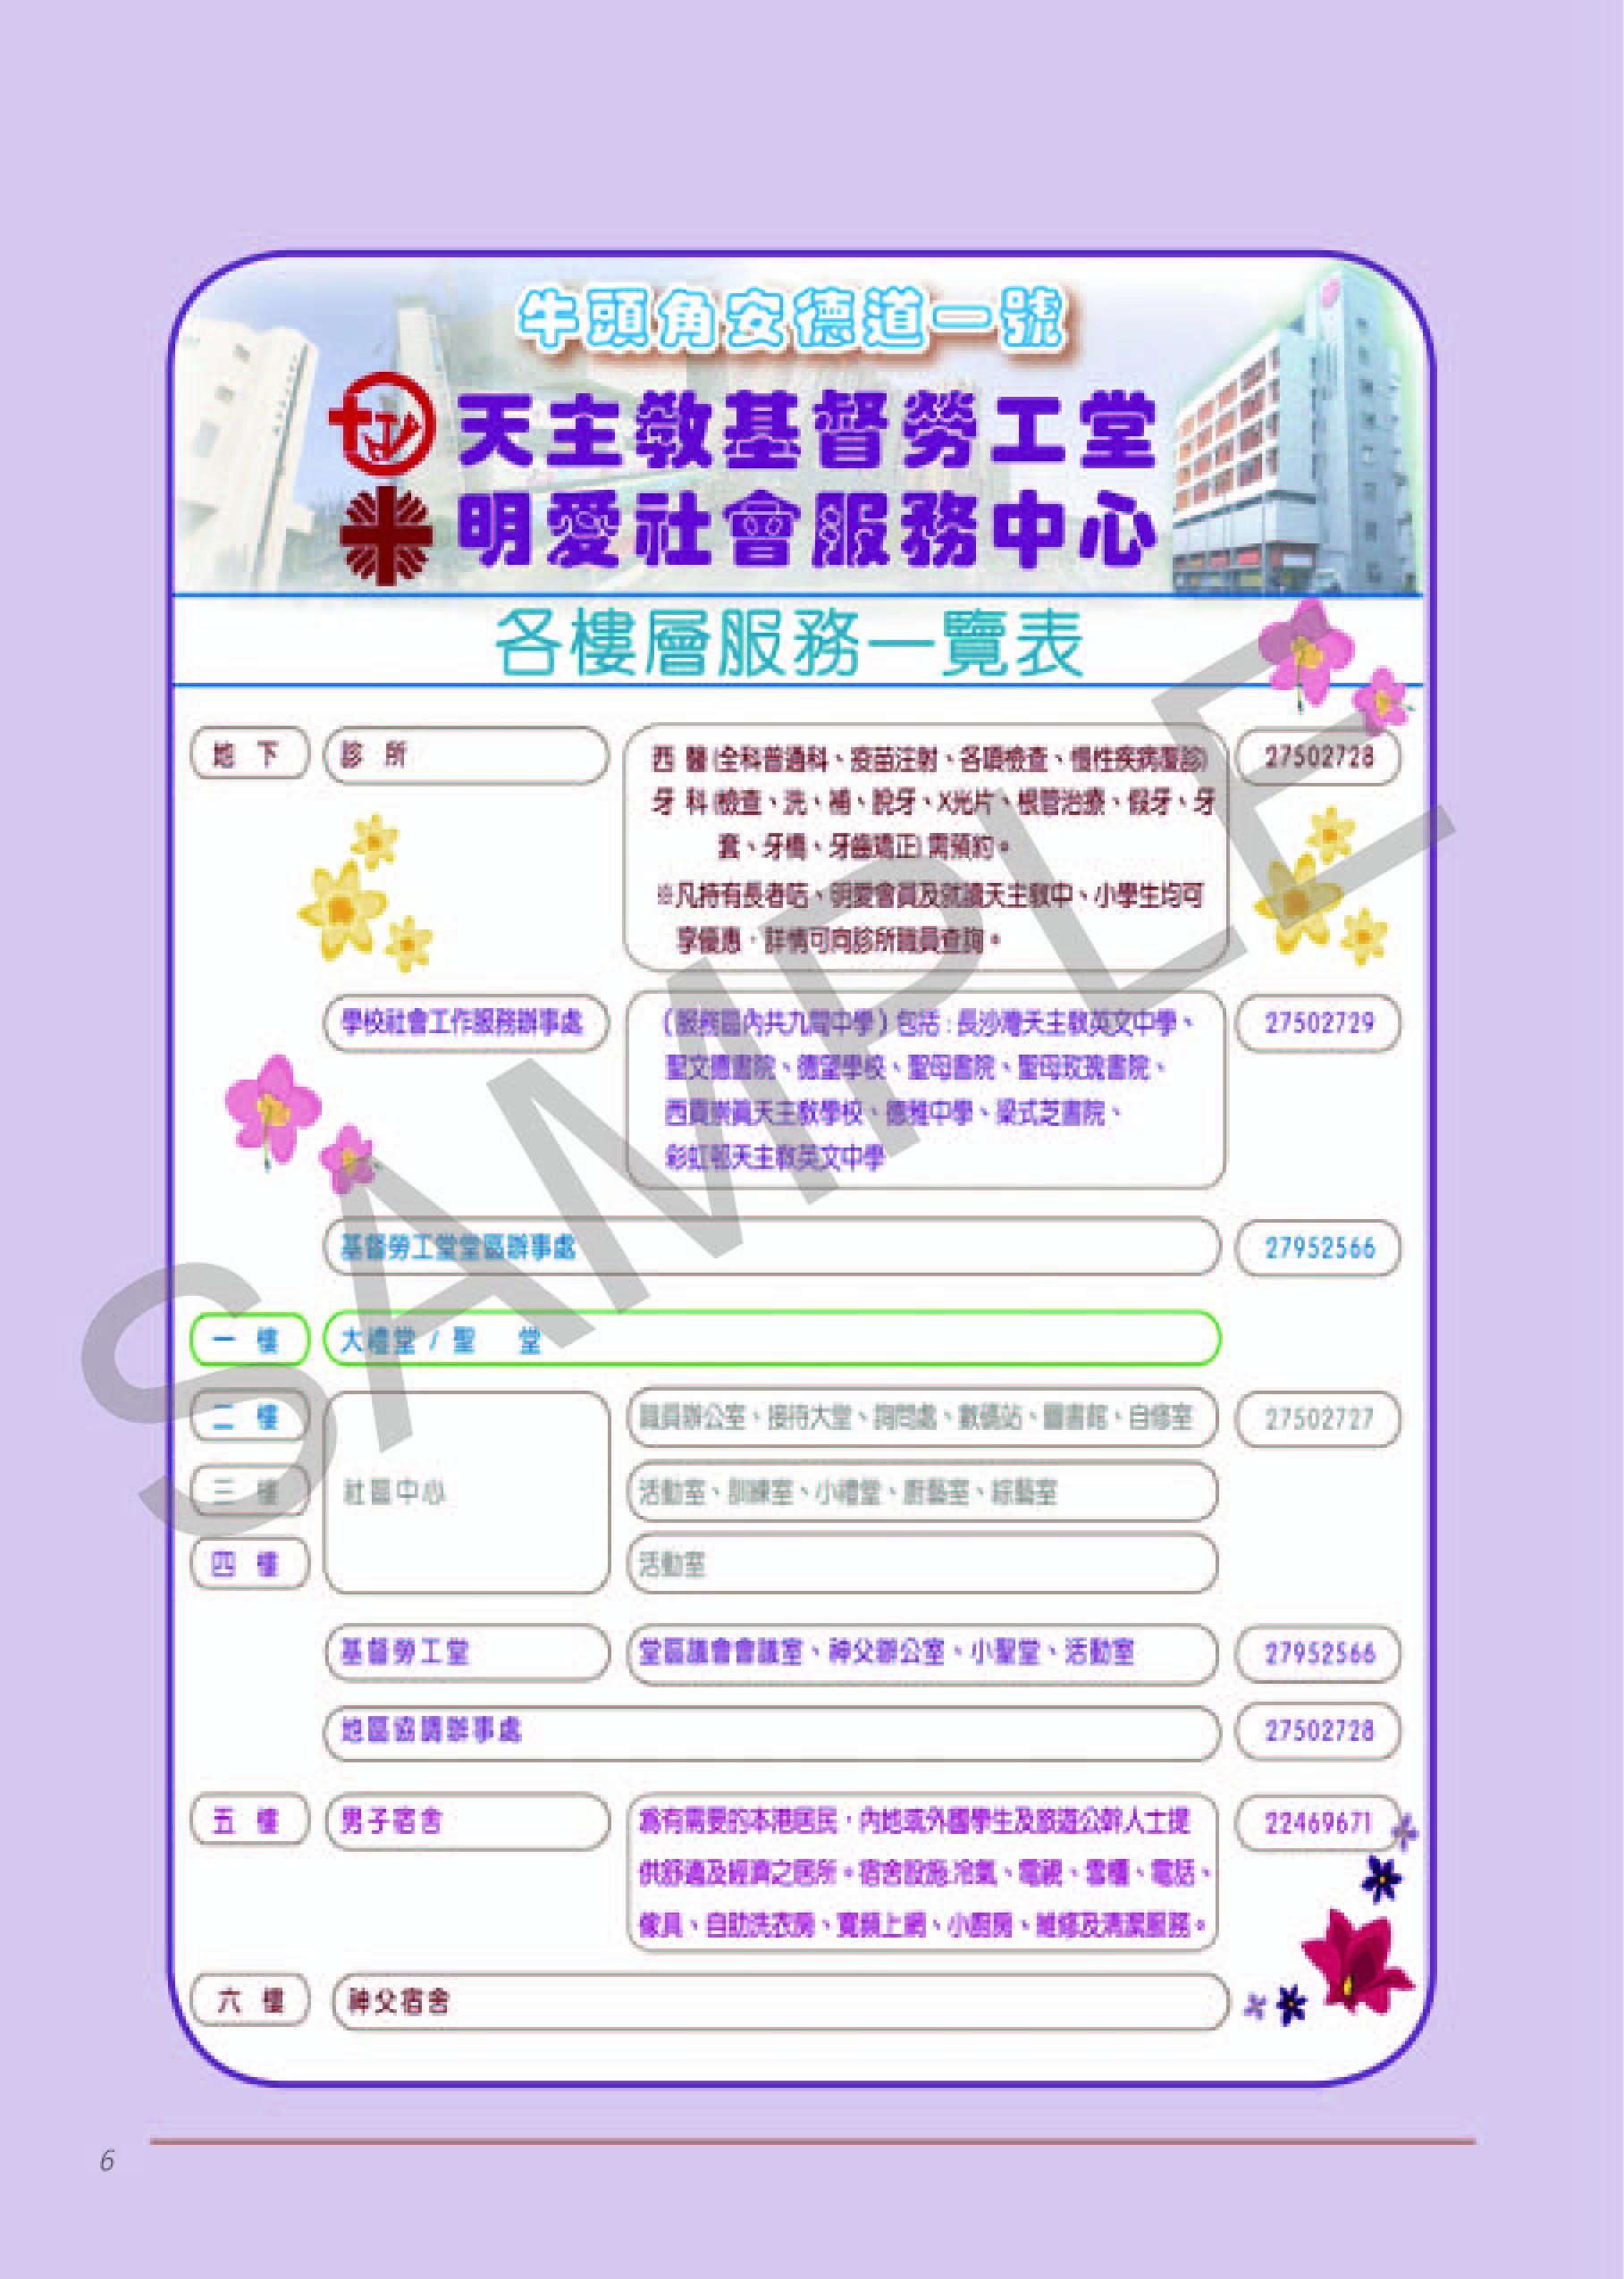 黃頁sample3